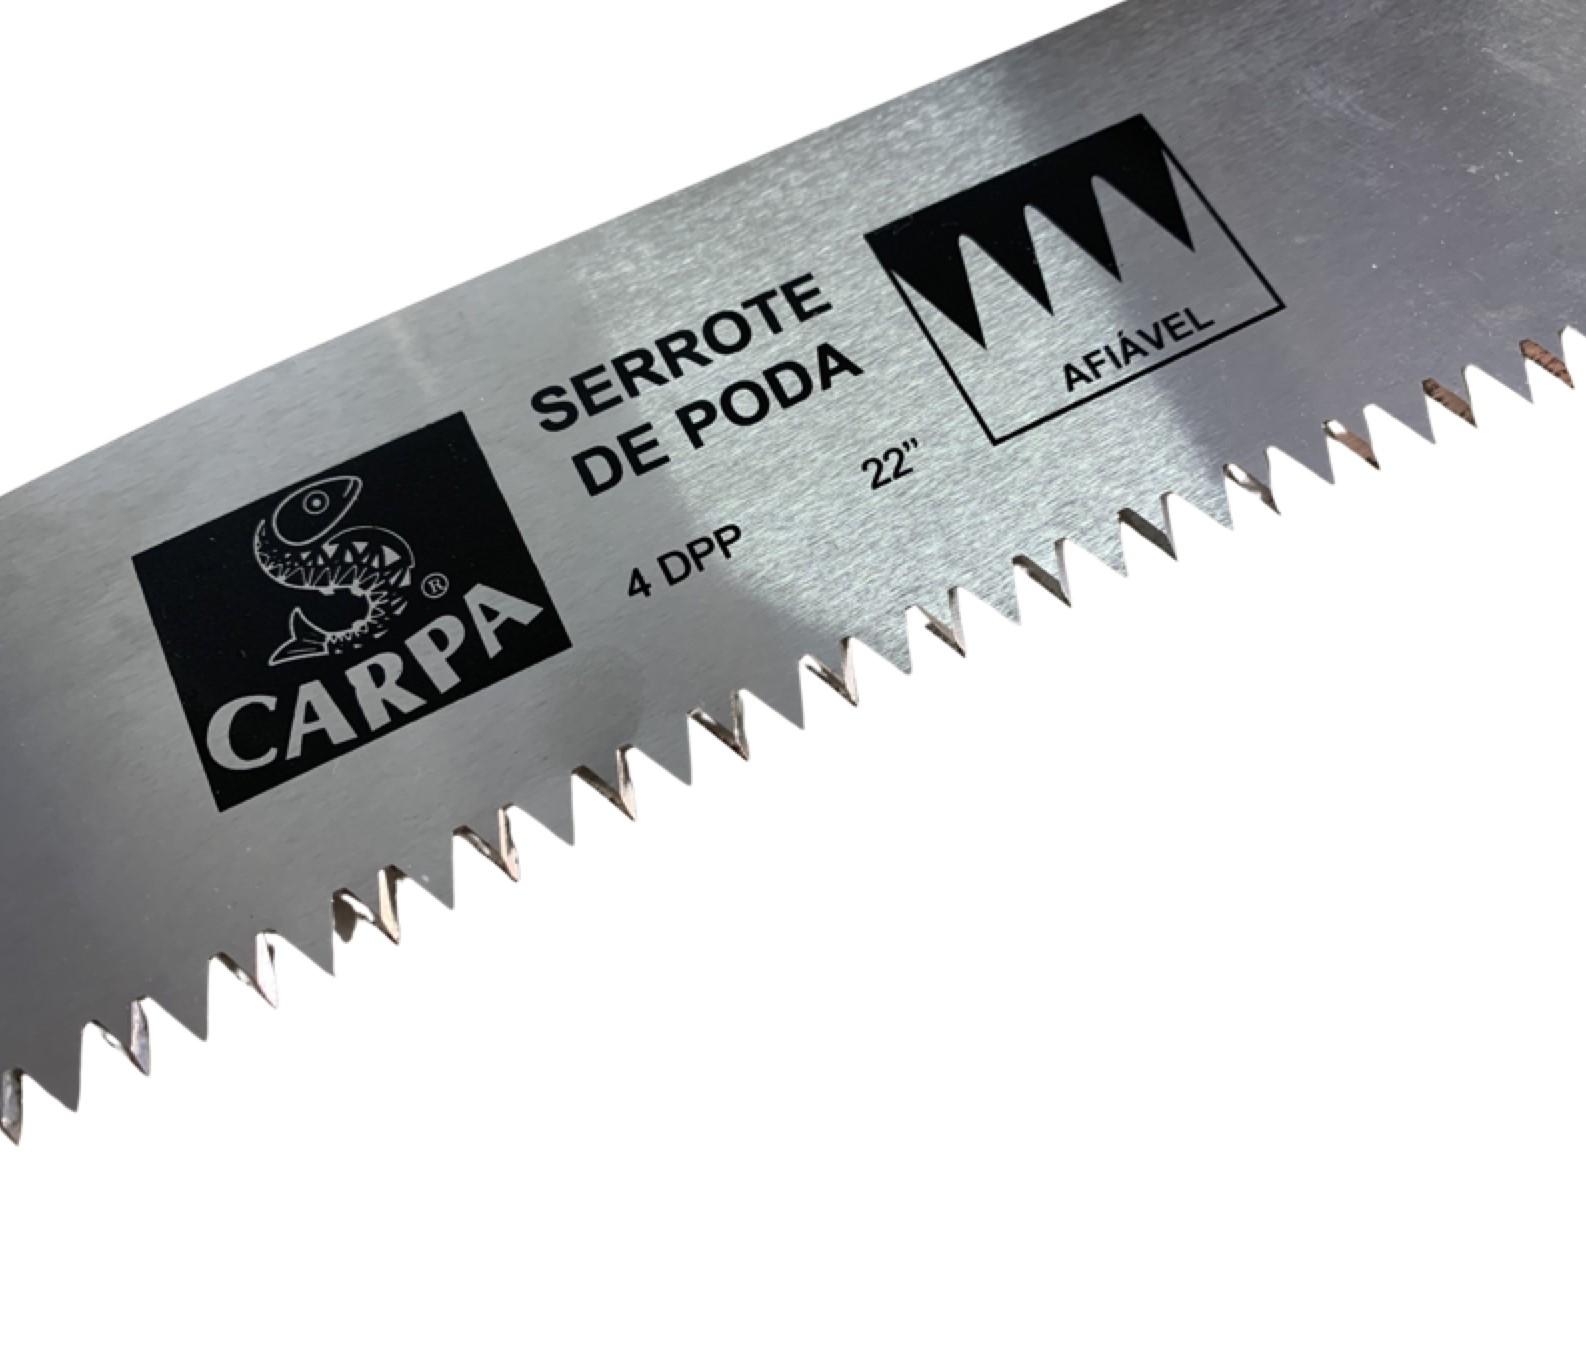 """Serrote De Poda Florestal Profissional 22"""" com Extensor Carpa"""